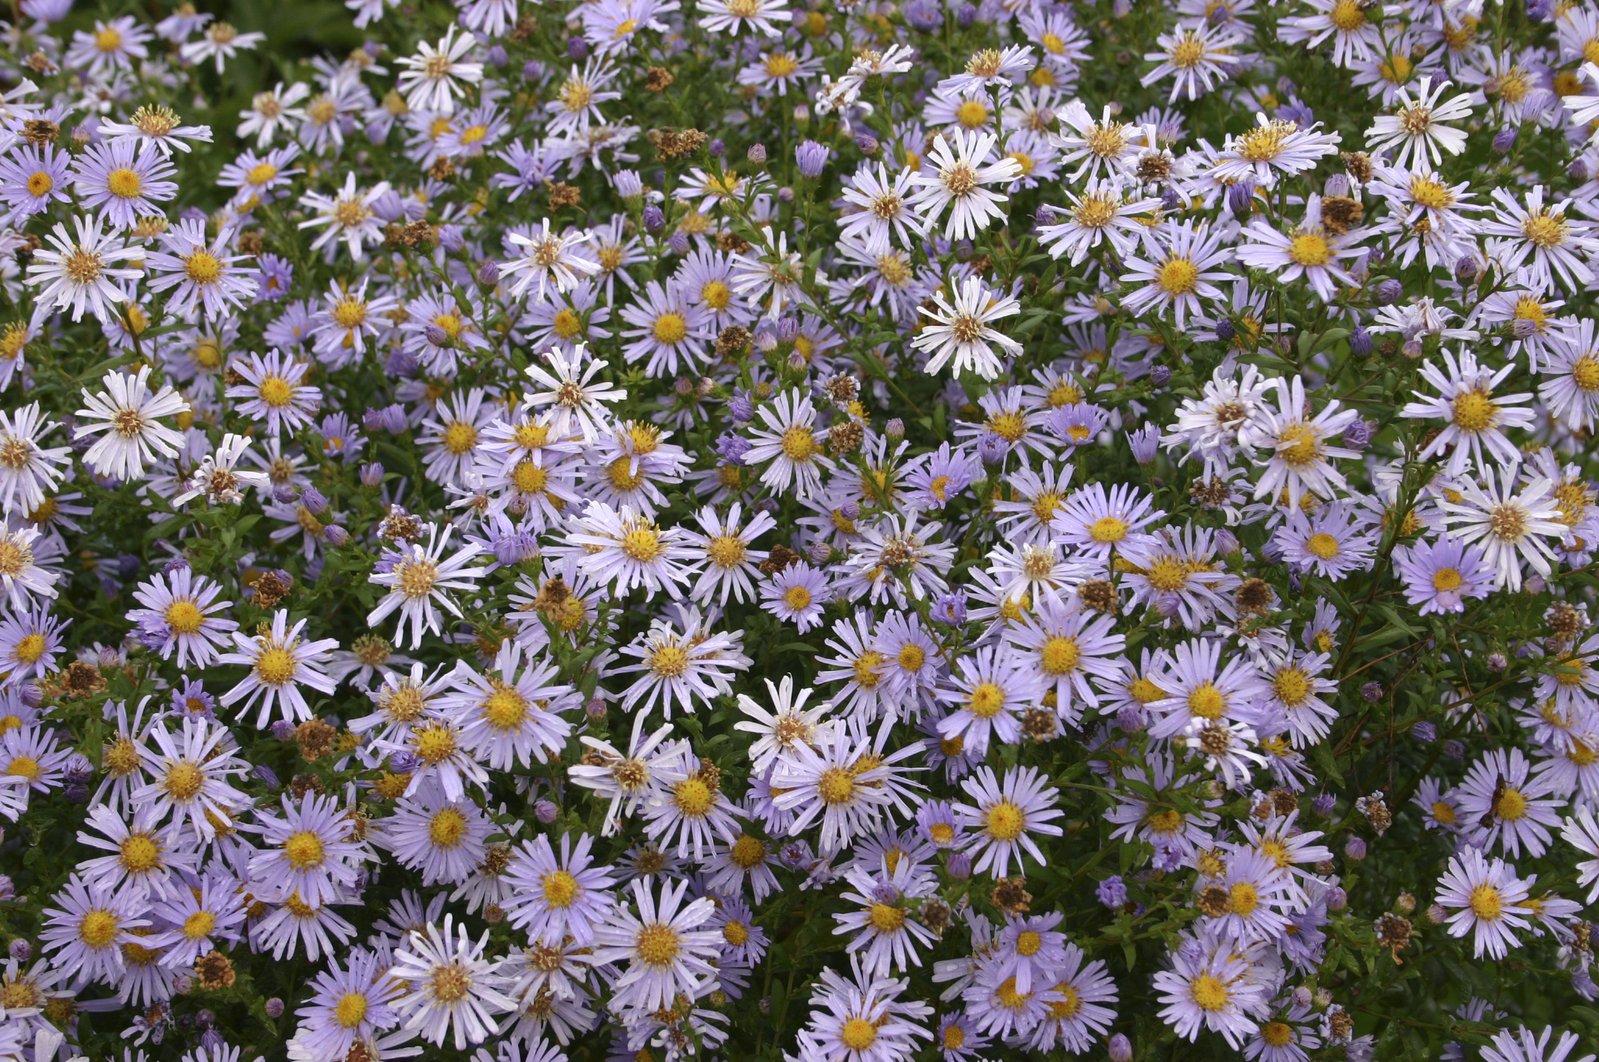 September Flower photo file Free